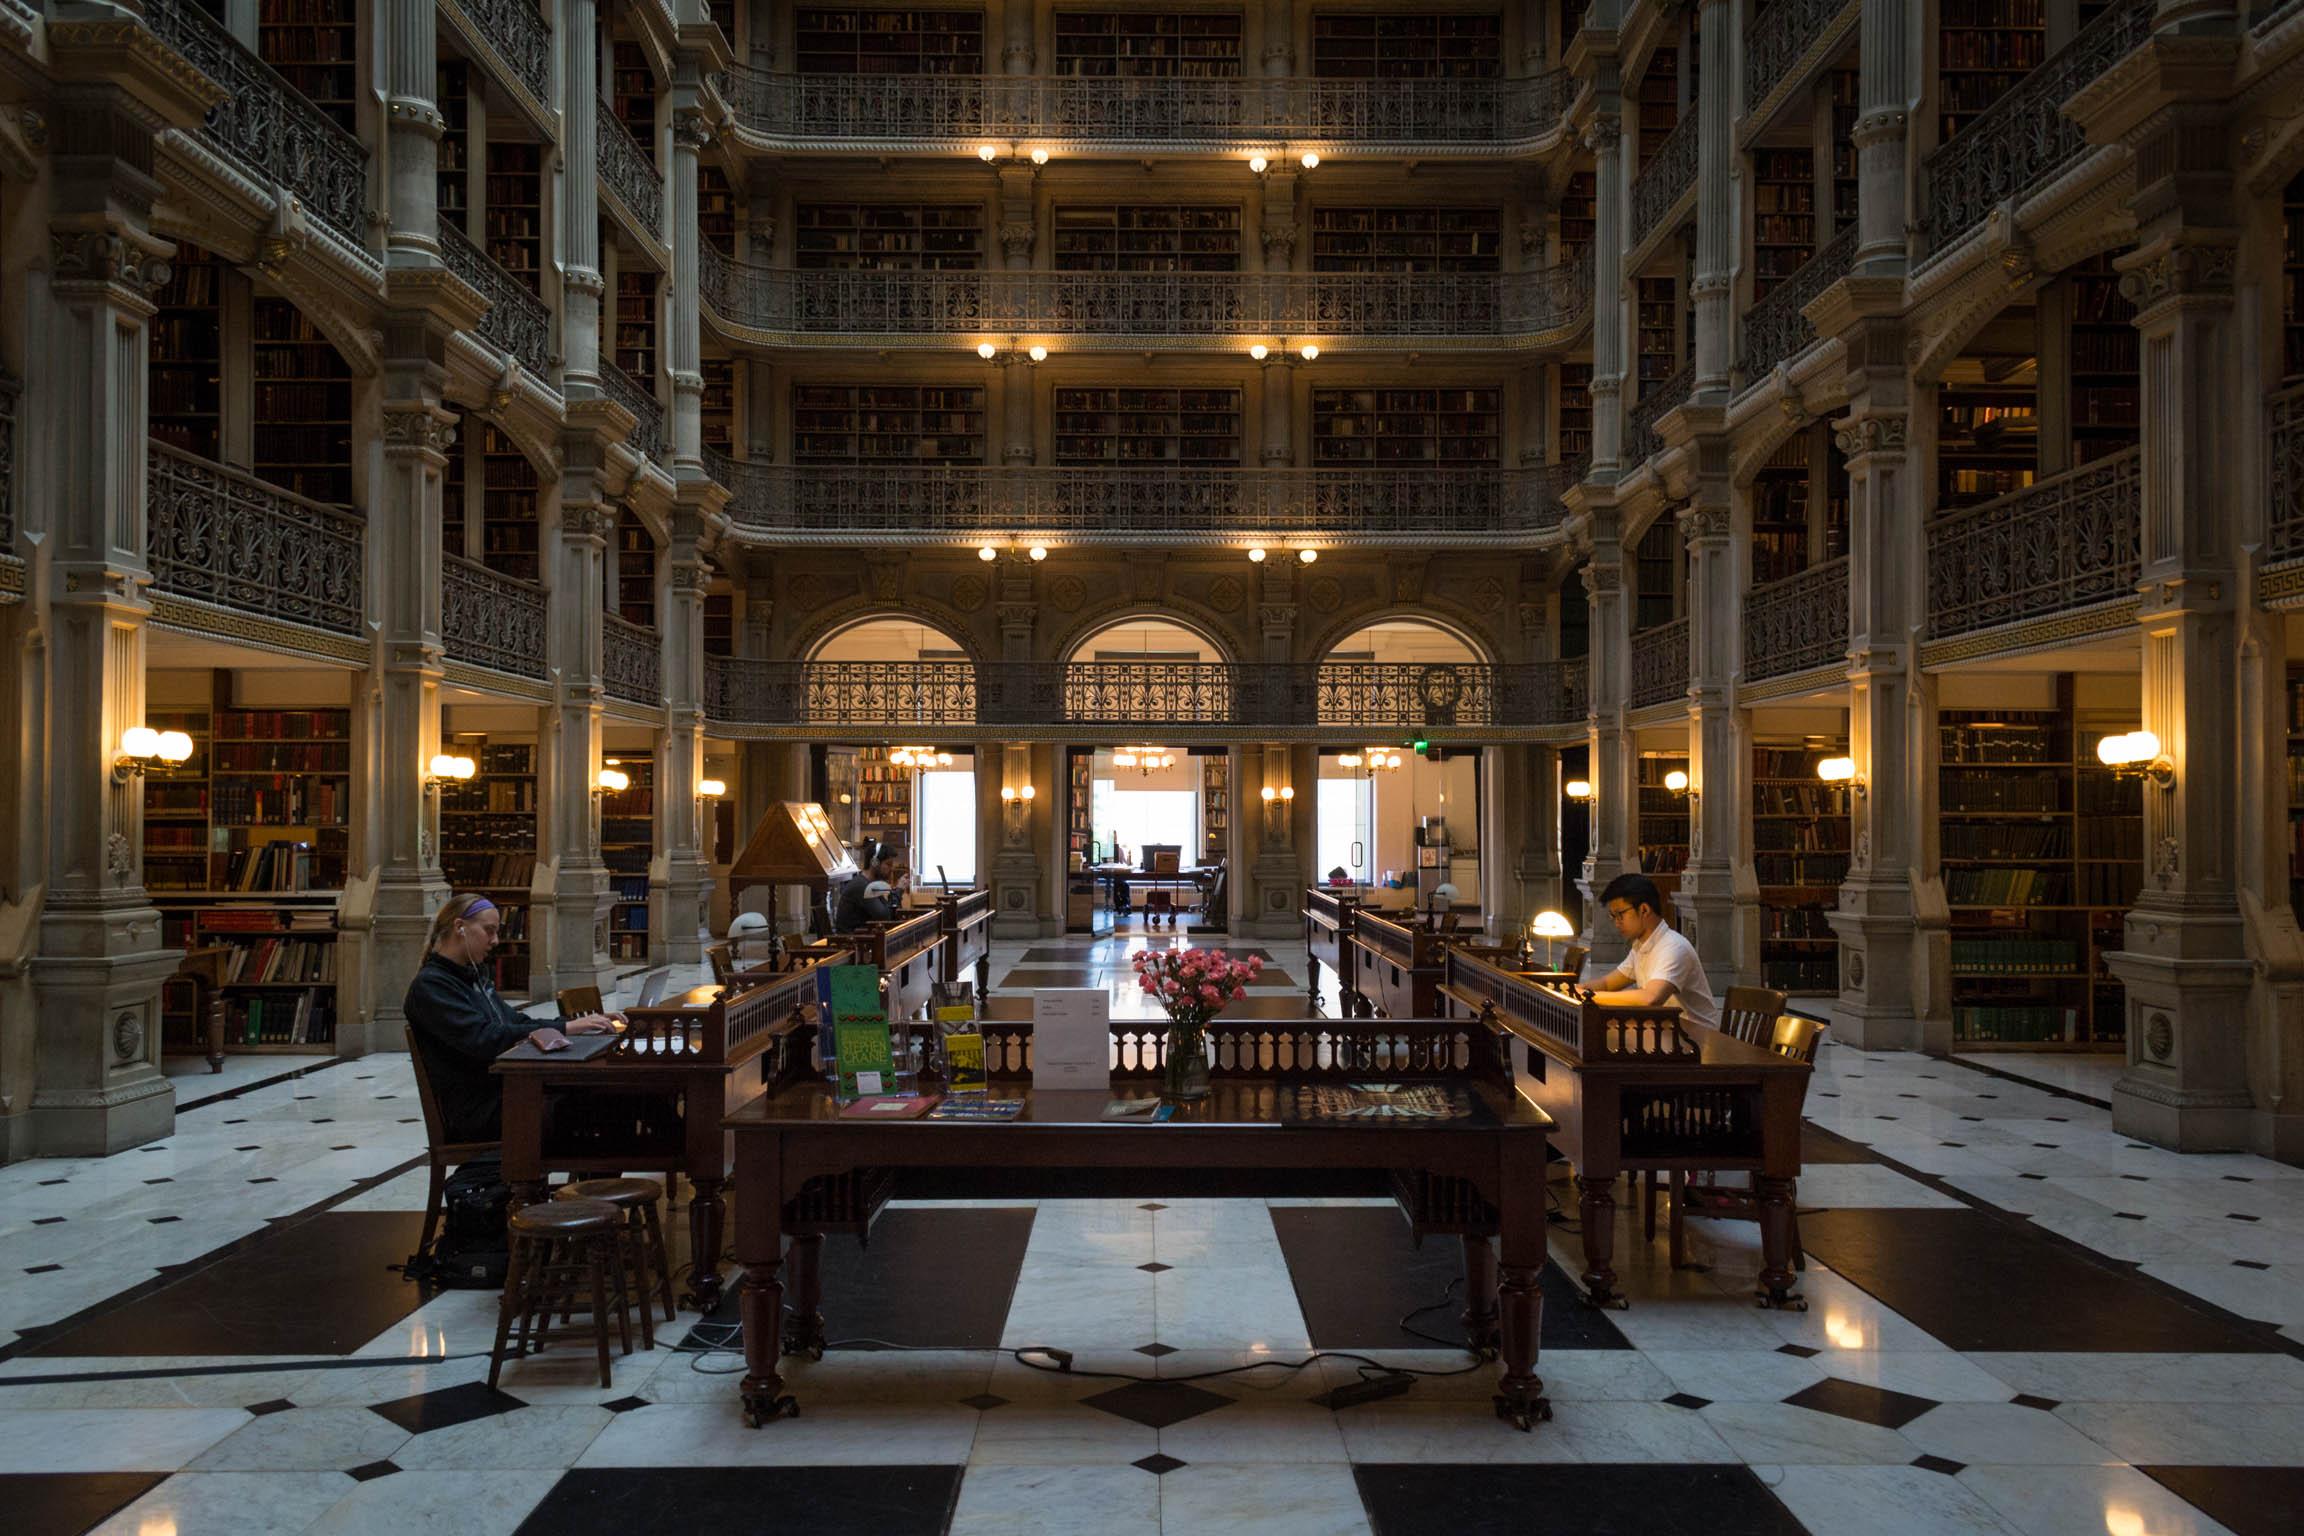 L'intérieur de la George Peabody Library